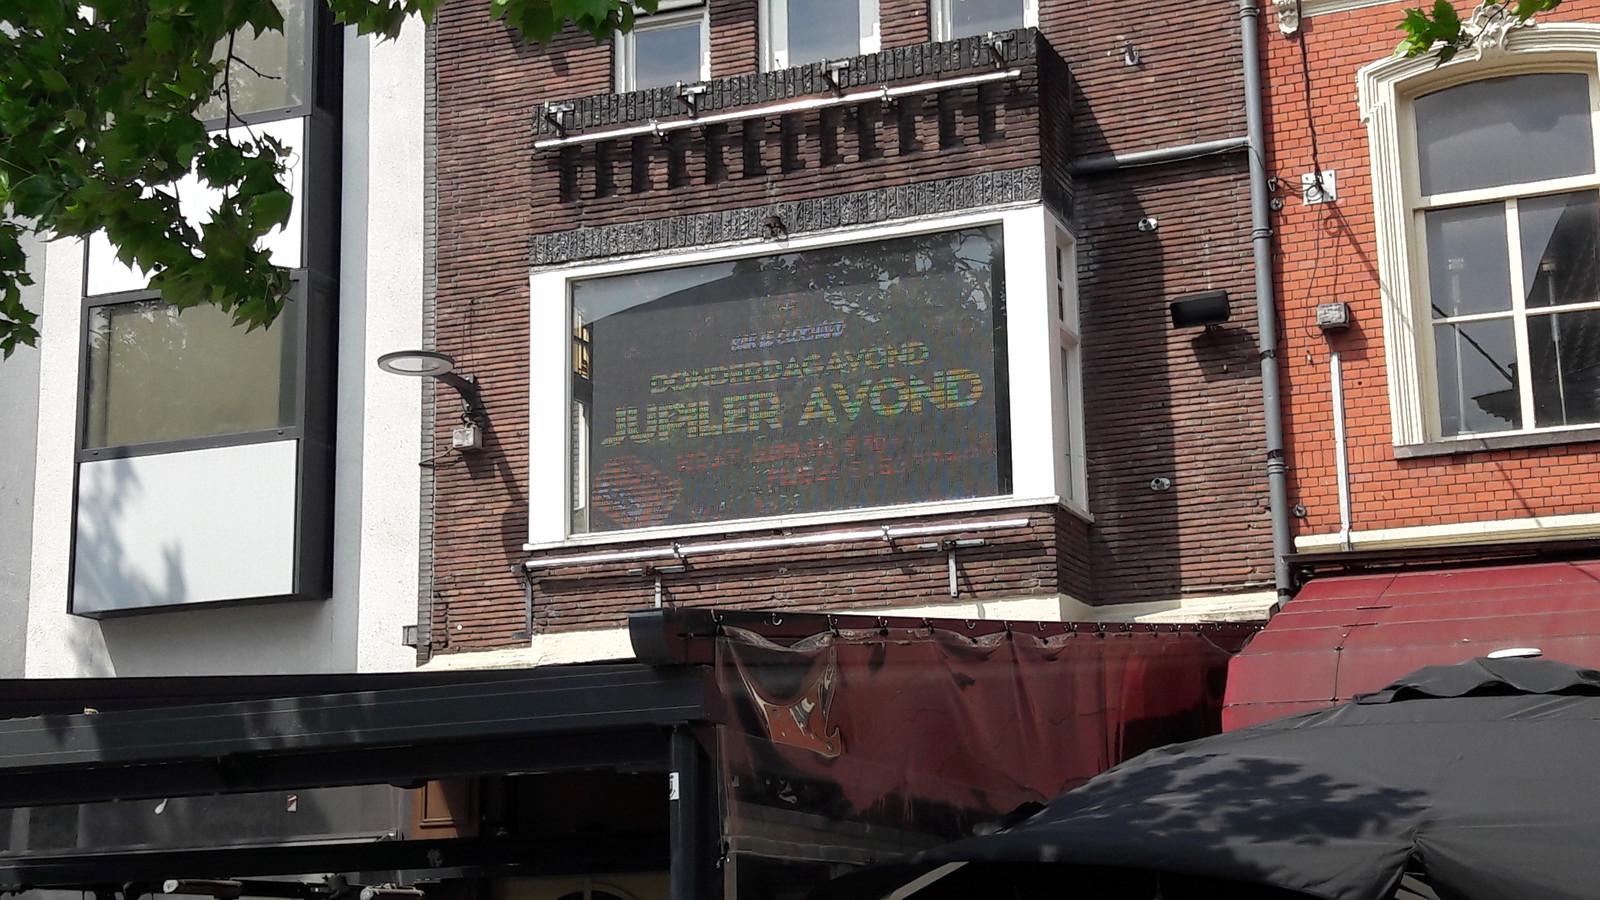 Slimme oplossing aan de Korte Heuvel: tegen een beeldscherm achter het raam is het lastig optreden.